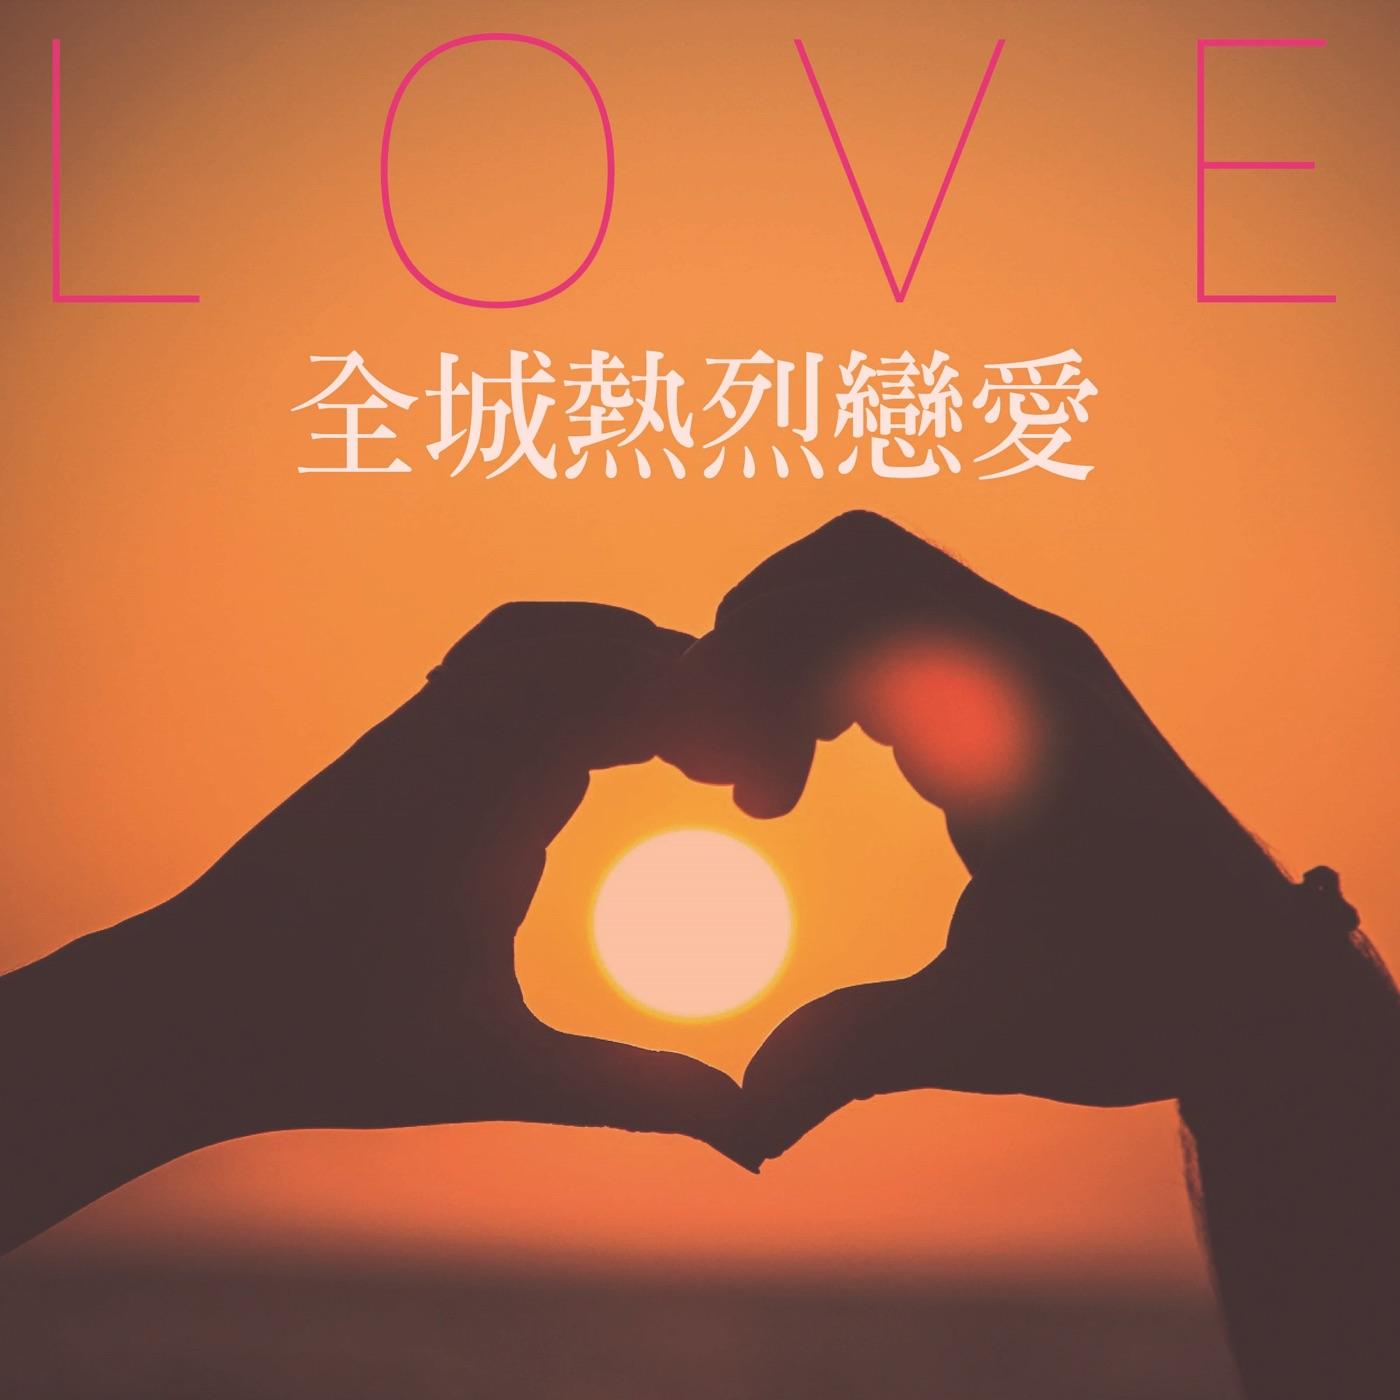 群星 - Love: 全城热烈恋爱